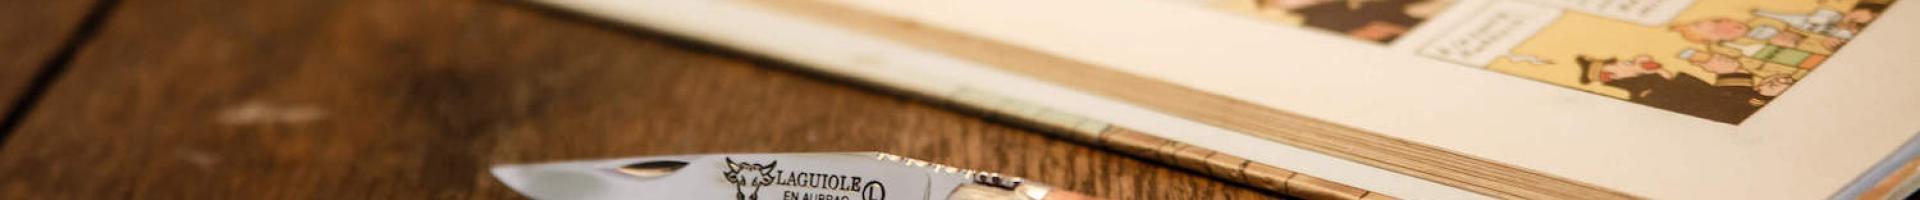 Couteaux Laguiole : Qu'est-ce qu'un Couteau de marque Laguiole ?